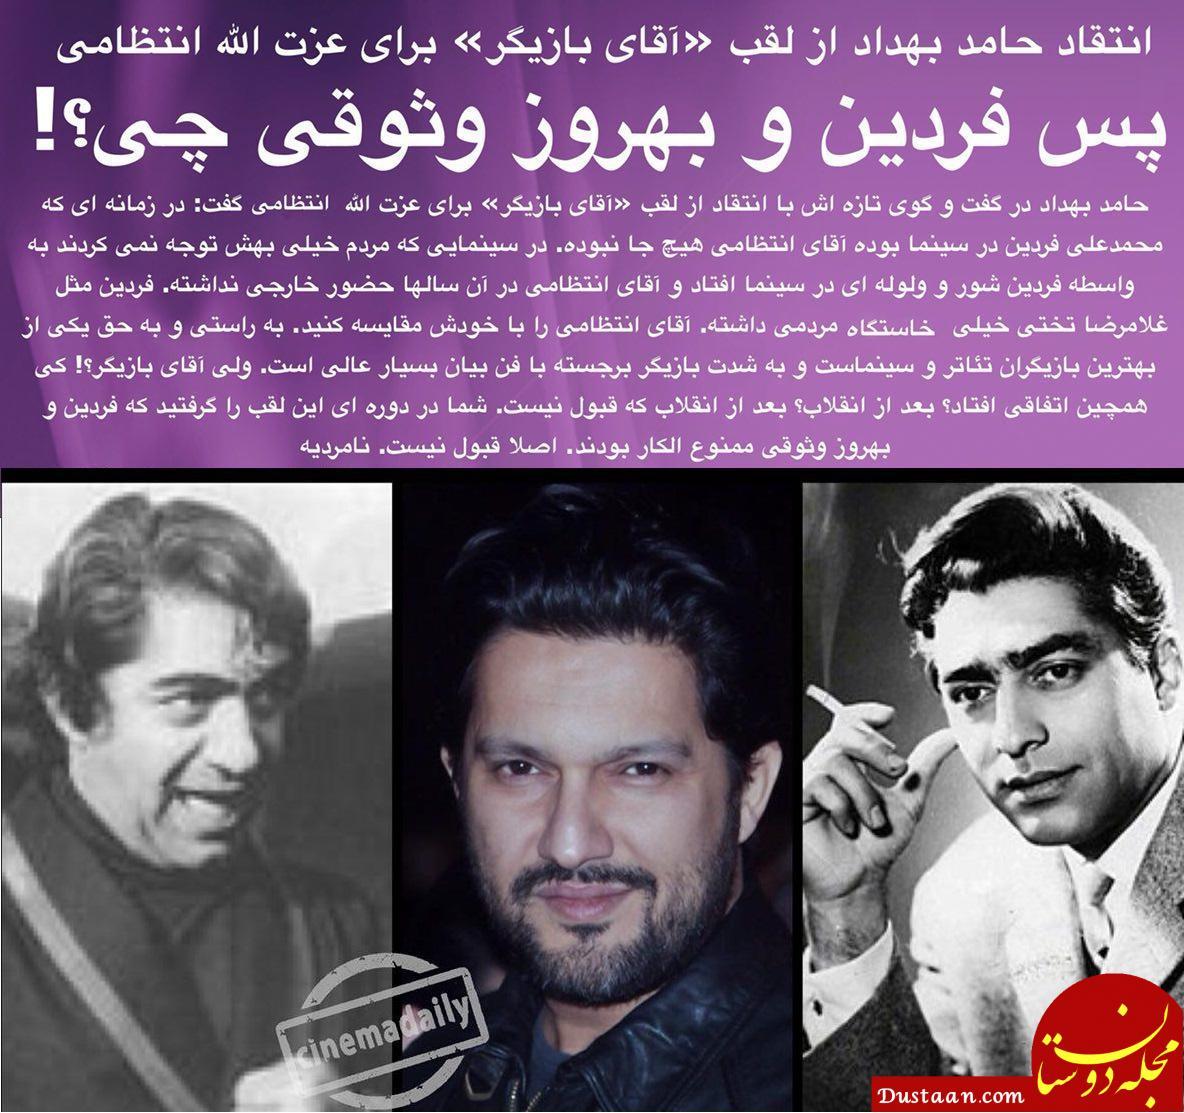 انتقاد حامد بهداد از لقب آقای بازیگر برای عزت الله انتظامی عکس ...